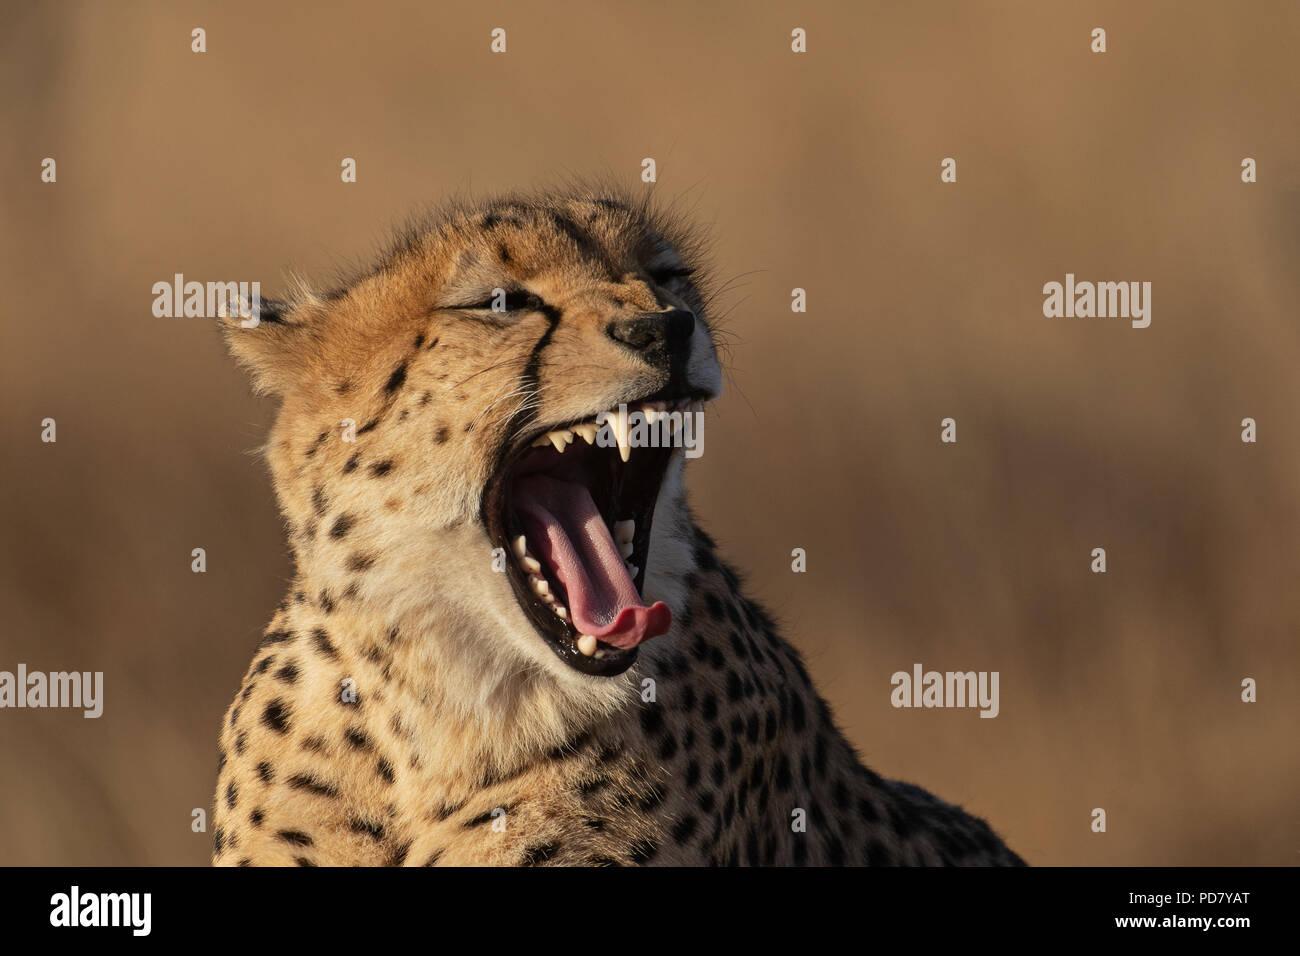 Gepard (Acinonyx jubatus) Gähnen im goldenen Abendlicht in Manyeleti Private Game Reserve, Teil des Krüger National Park Stockbild